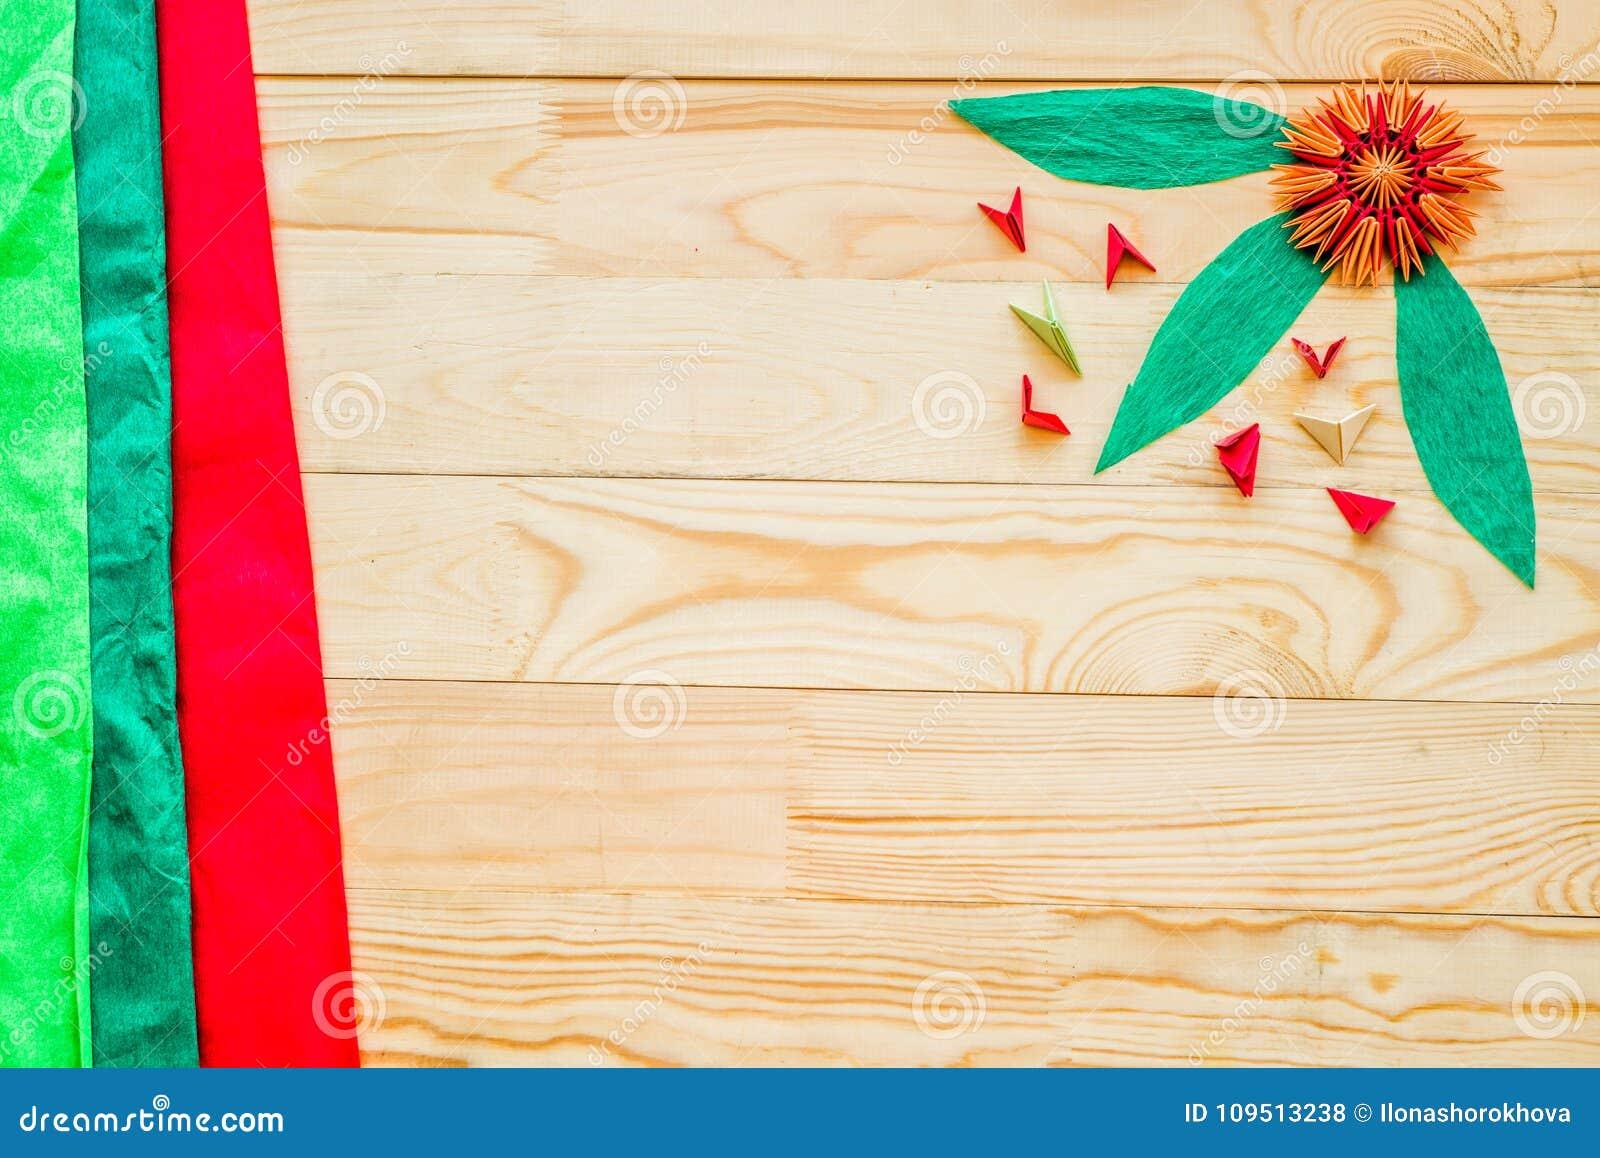 La Papiroflexia Modular Florece Con Las Hojas En Fondo De